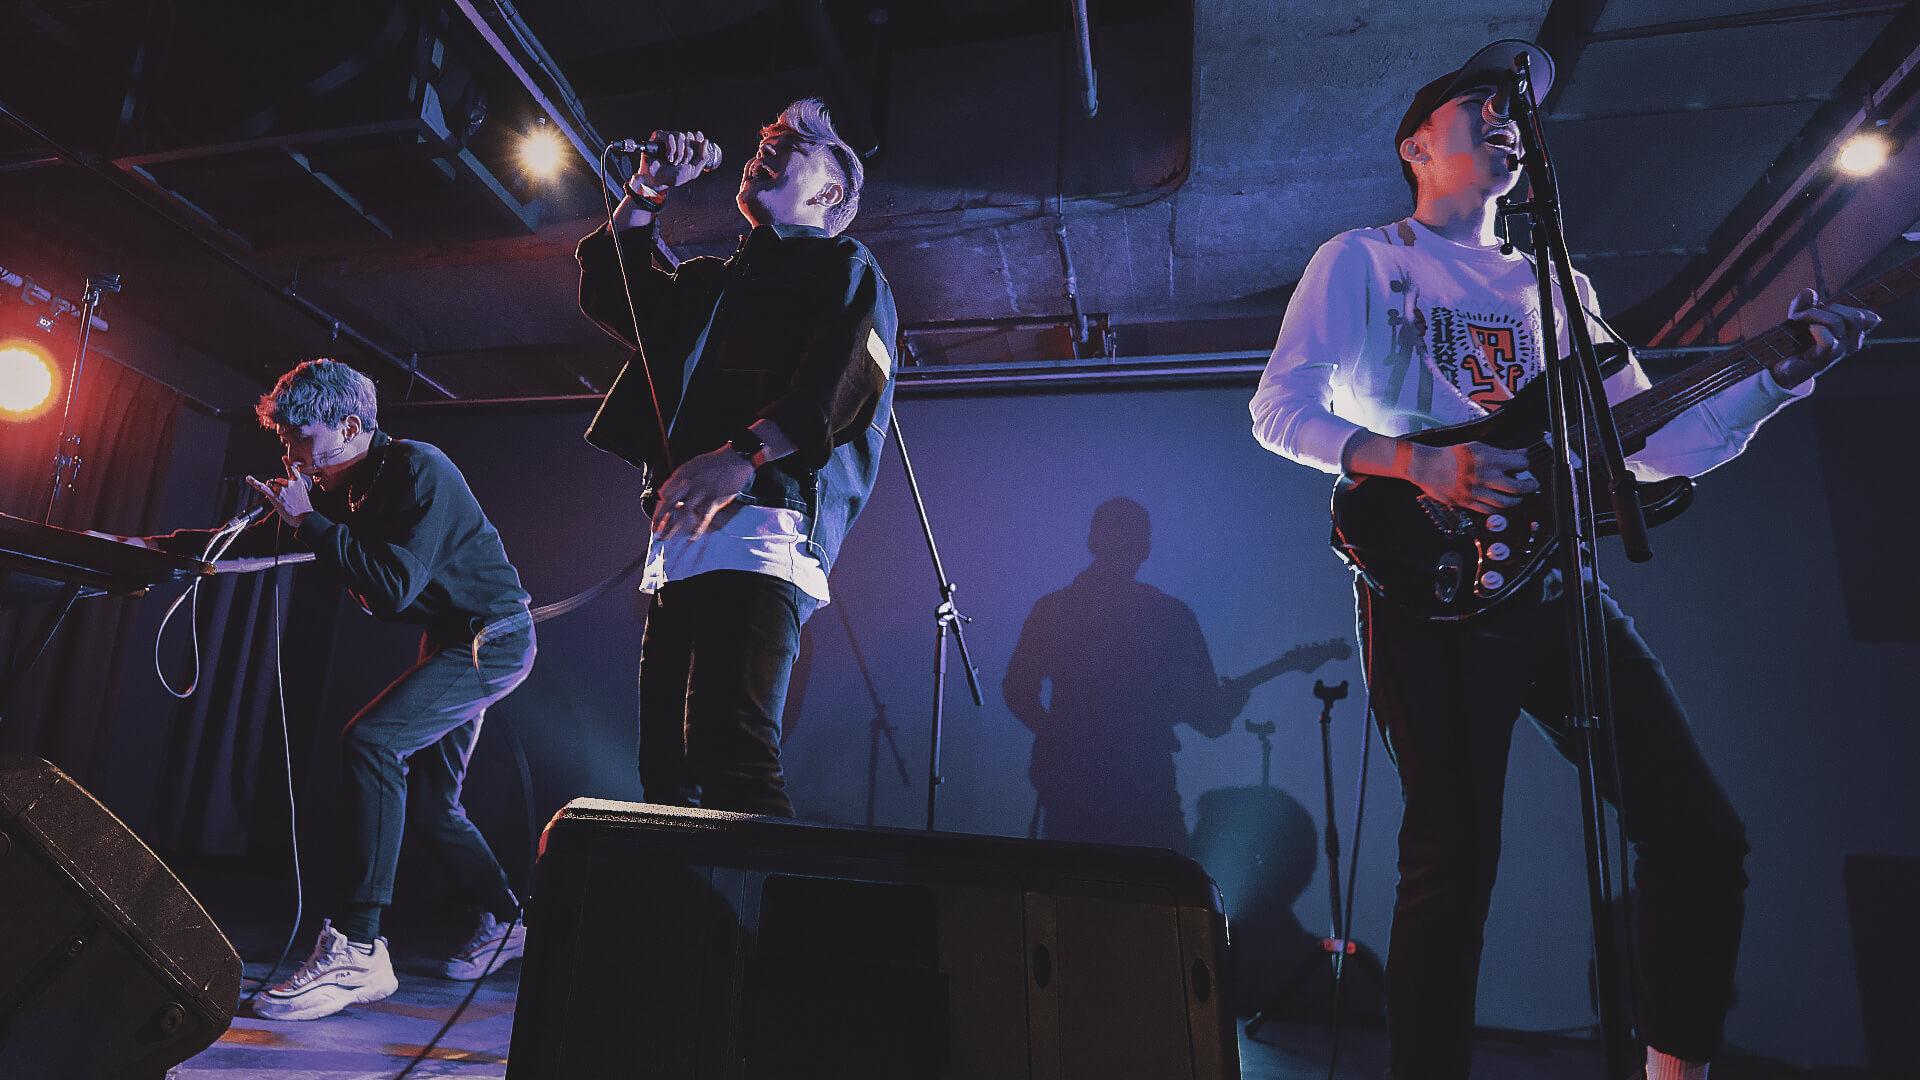 シンガポールの若手R&Bファンクバンドbrb.がデビューアルバム『relationsh*t』を〈Umami Records〉からデジタルリリース! music200312_bnb_04-1